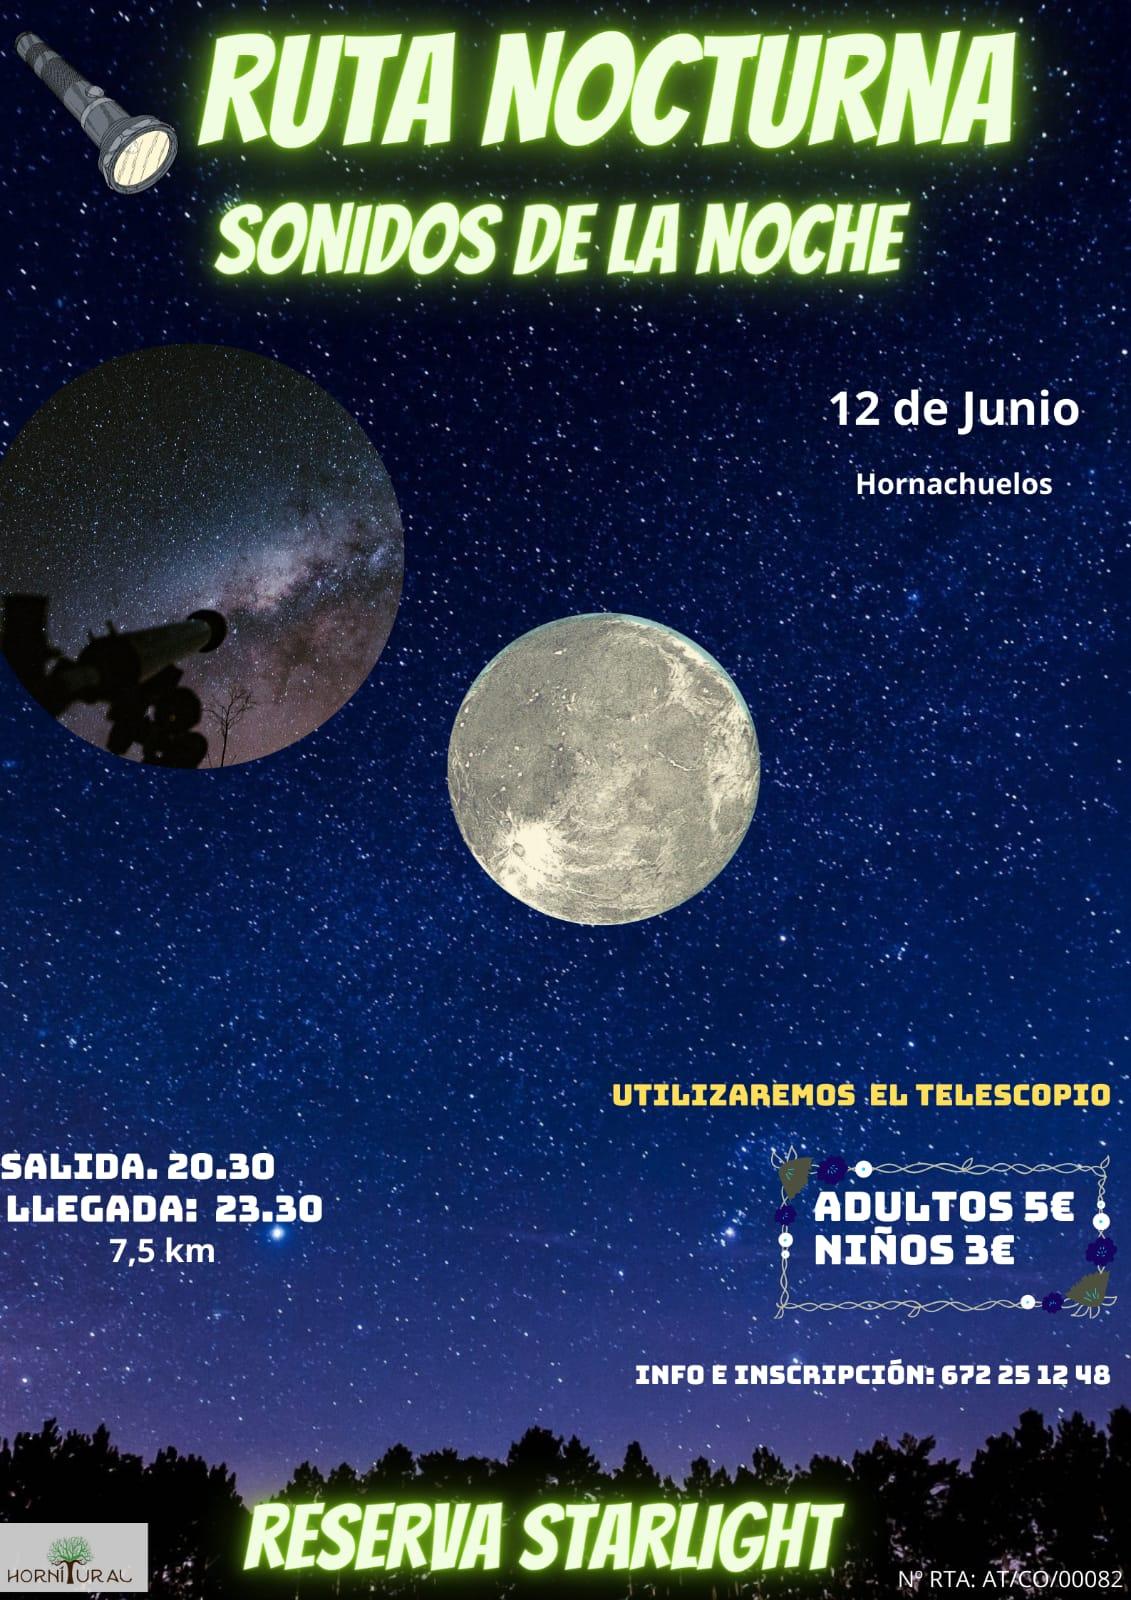 Ruta Nocturna Hornitural